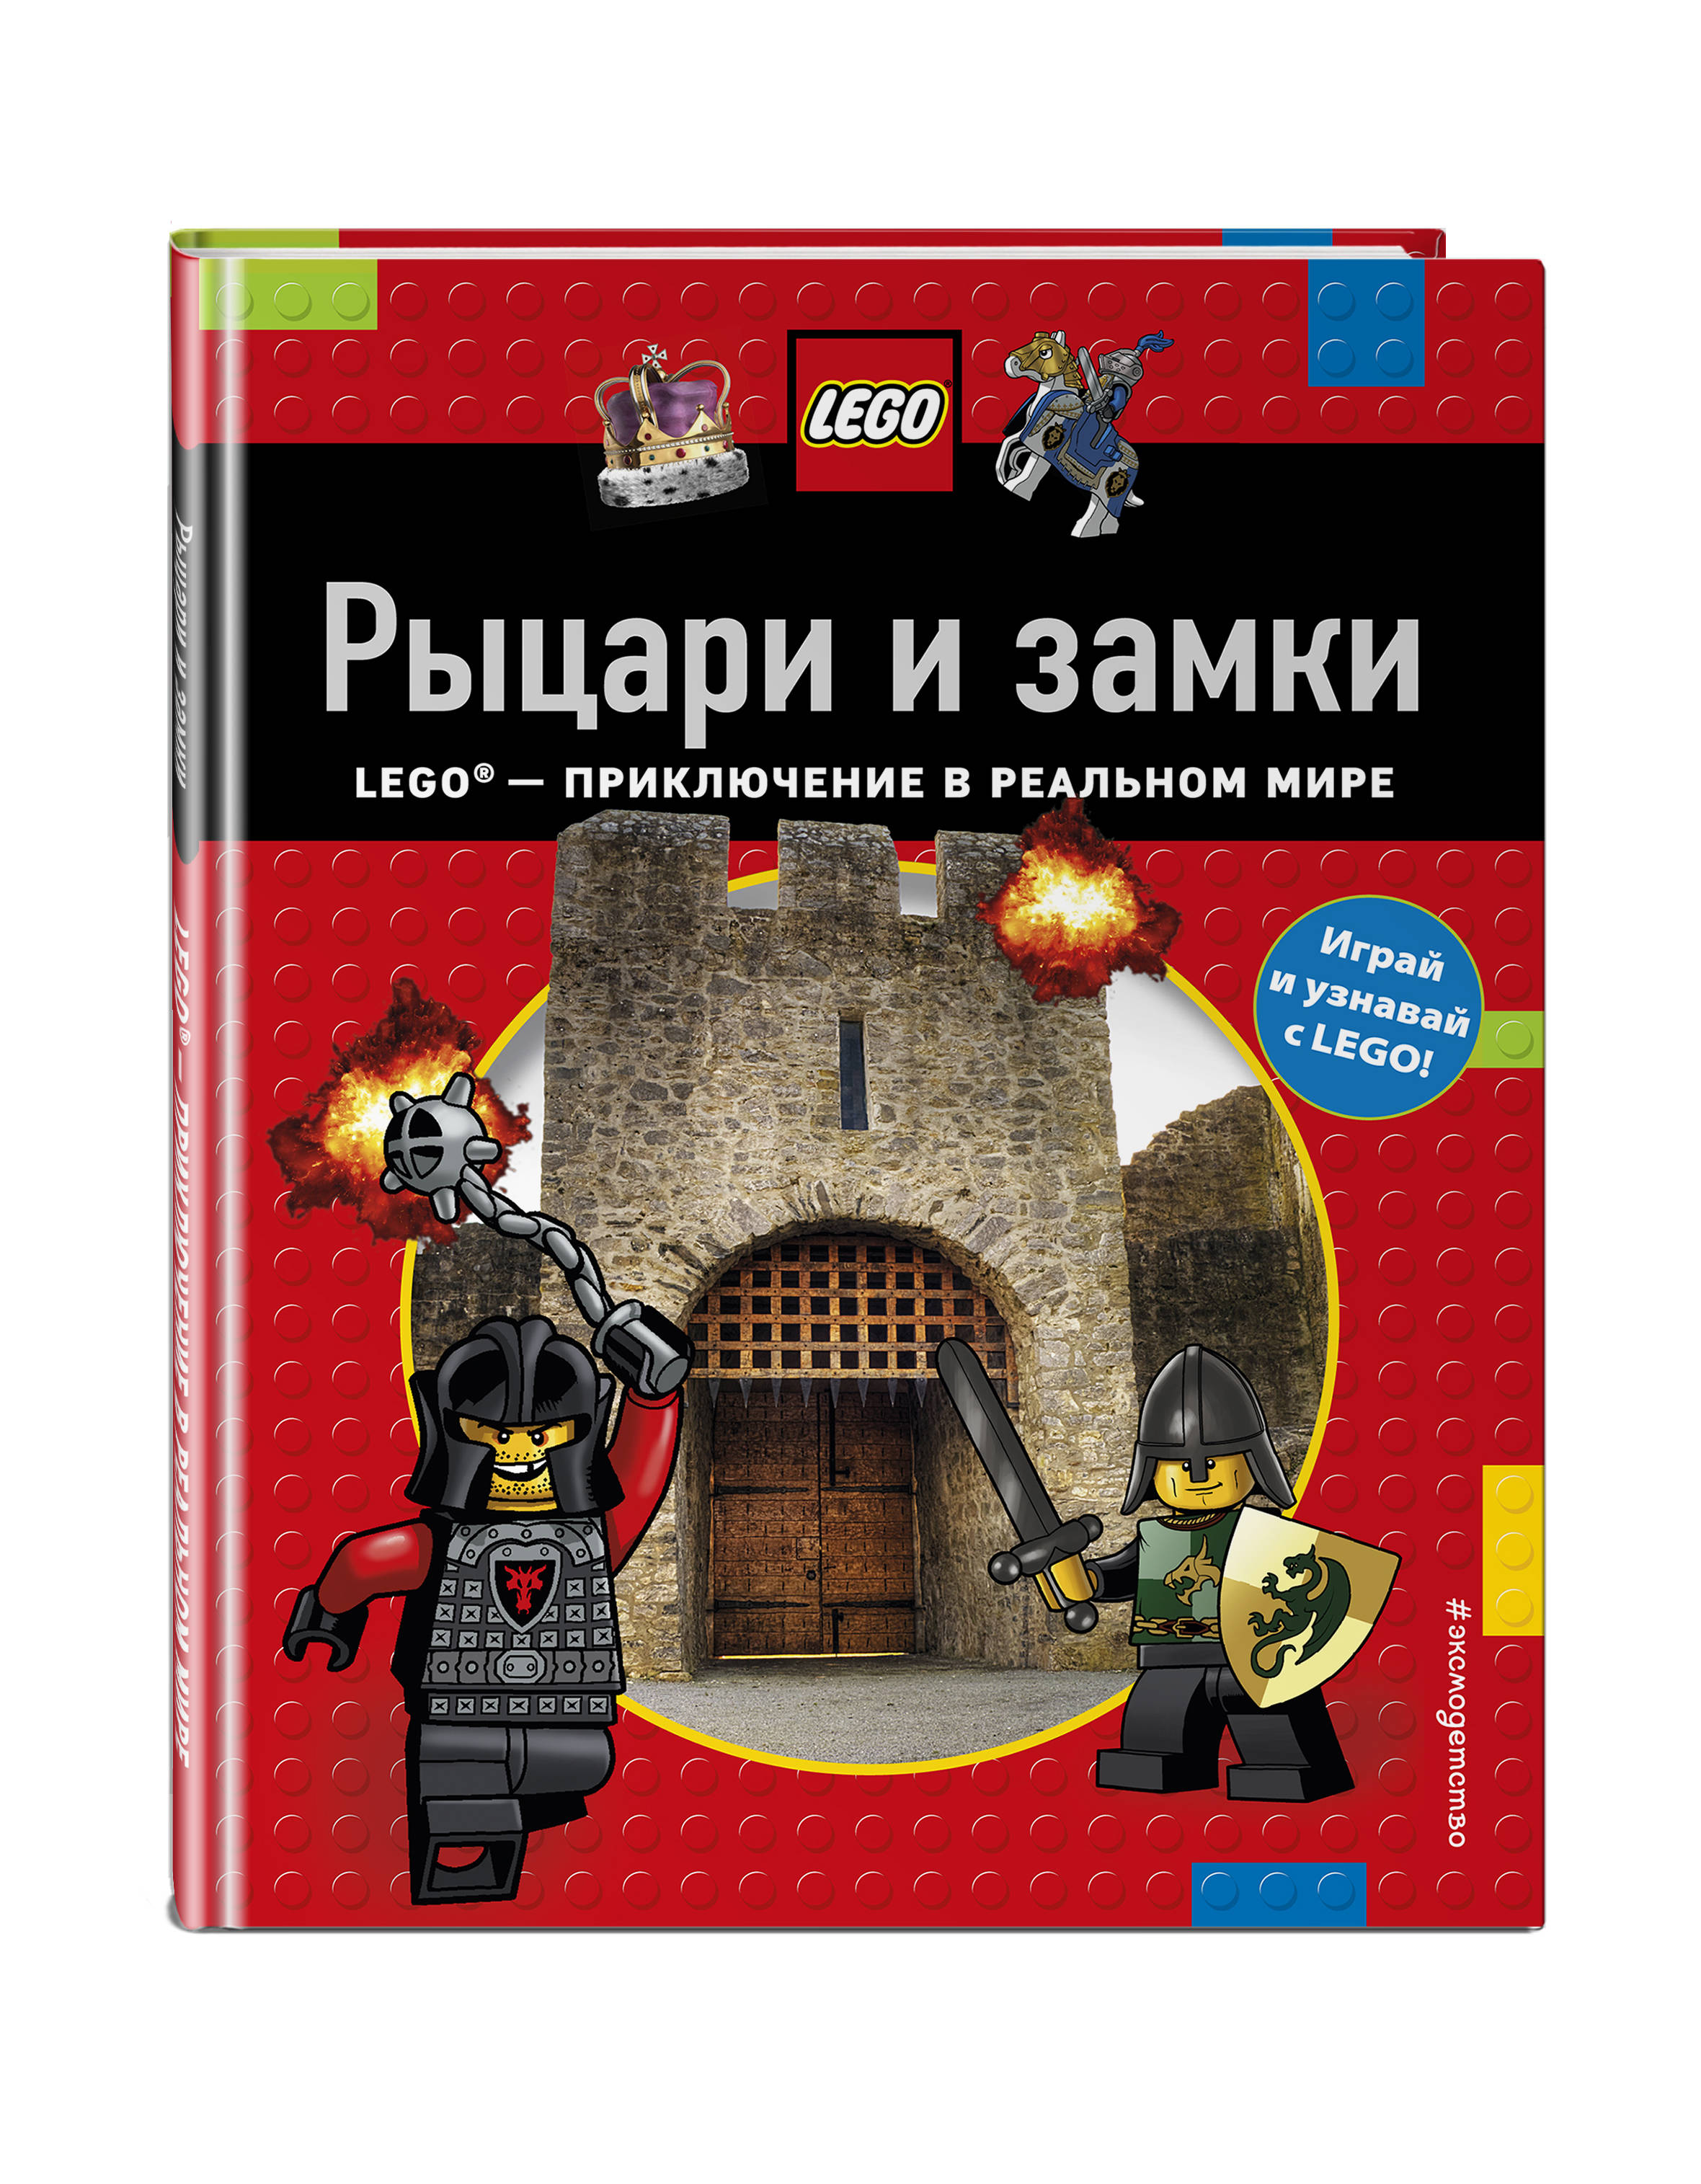 Рыцари и замки филип стил рыцари и замки